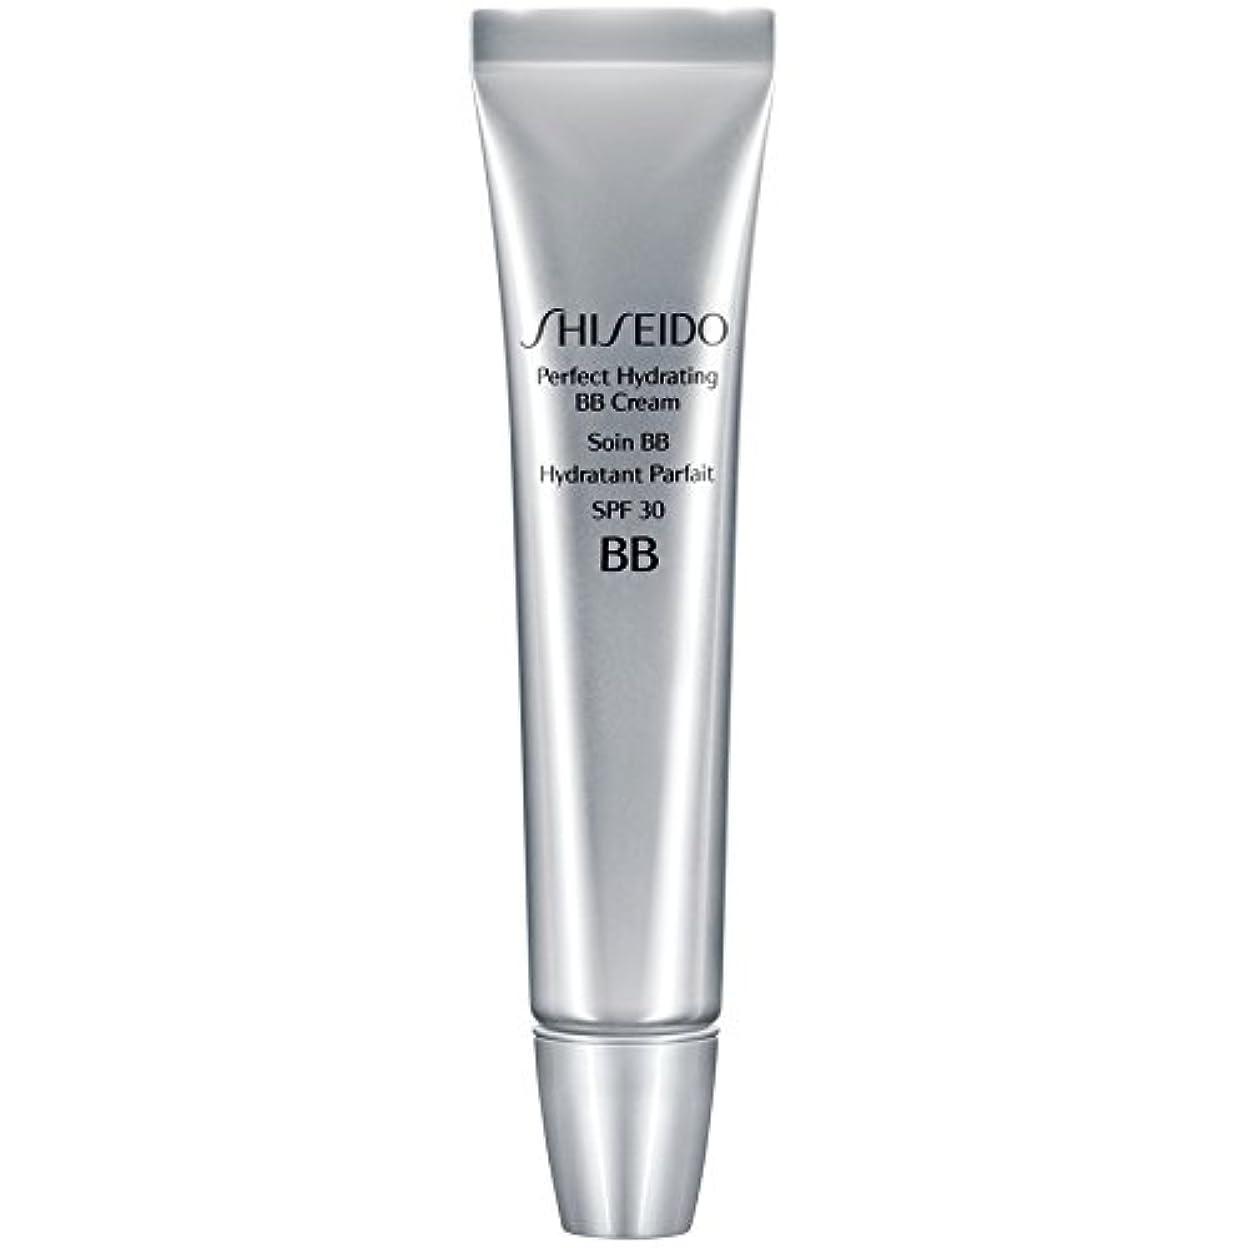 ゲスト勉強するトロリー[Shiseido ] 資生堂完璧な水和BbクリームSpf 30 30ミリリットル媒体 - Shiseido Perfect Hydrating BB Cream SPF 30 30ml Medium [並行輸入品]